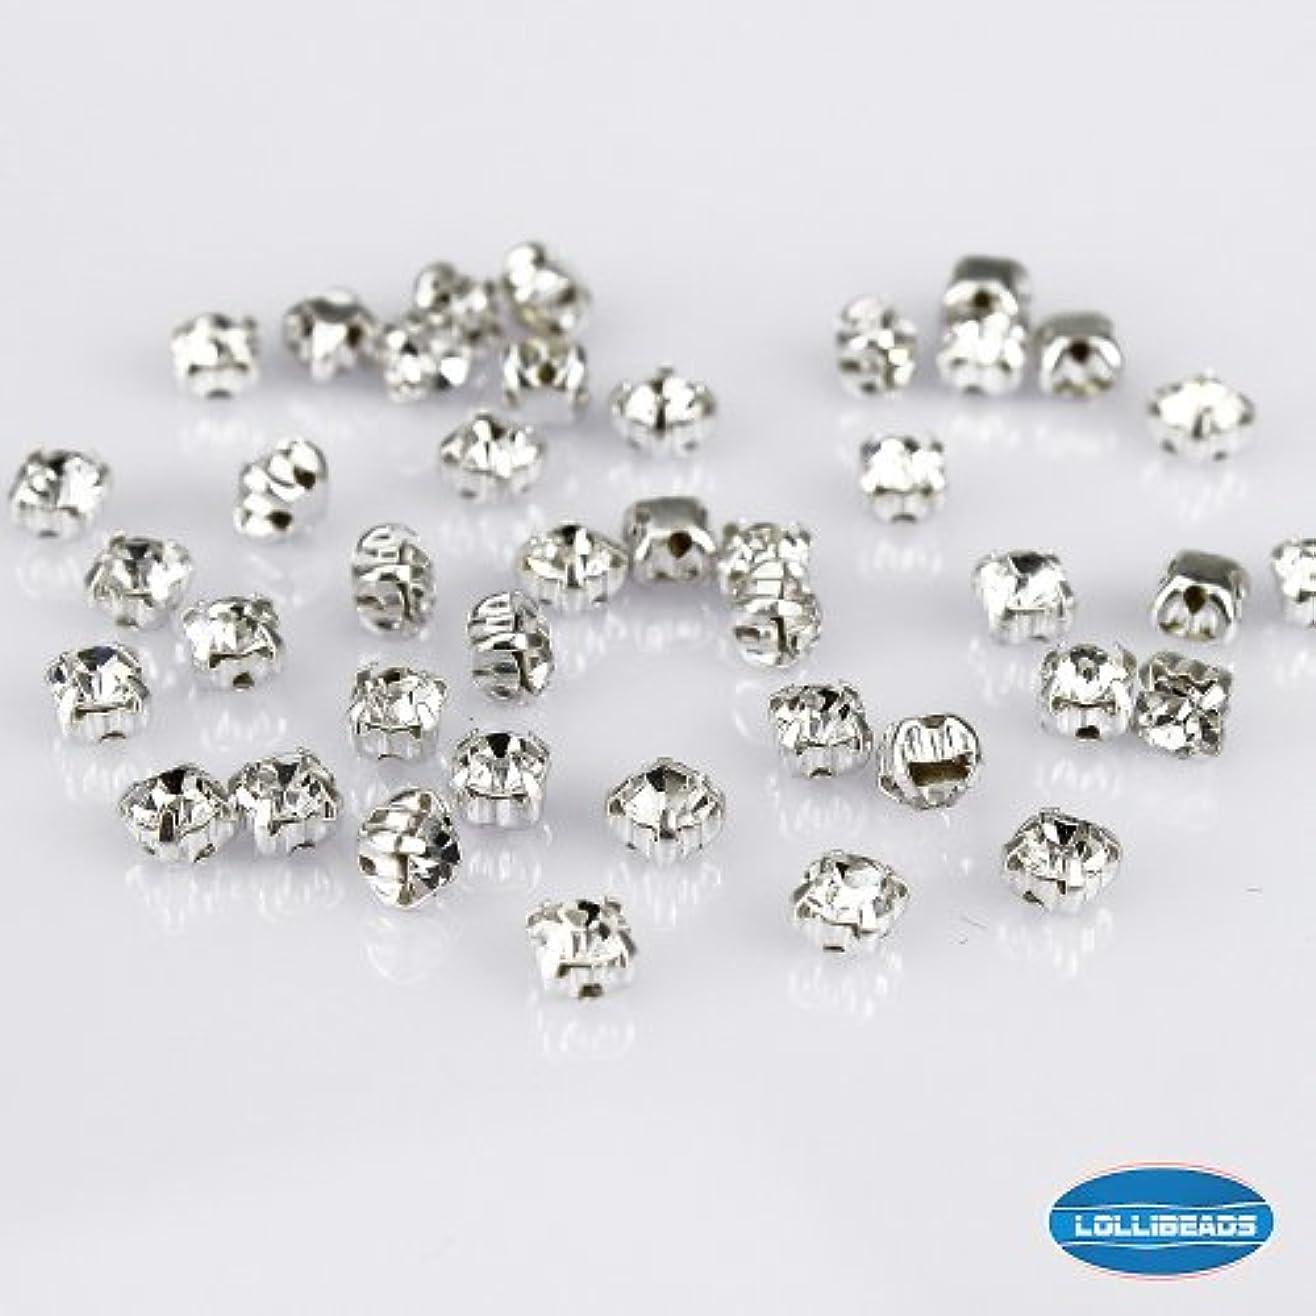 変動するジョグ衣類LolliBeads (TM) 手芸用デコレーションシルバー(銀色) 爪付きラインストーンビーズクリスタル装飾DIY水晶環状ミシンラインストーンチェコグラス,白色 4 mm (100個入れ)